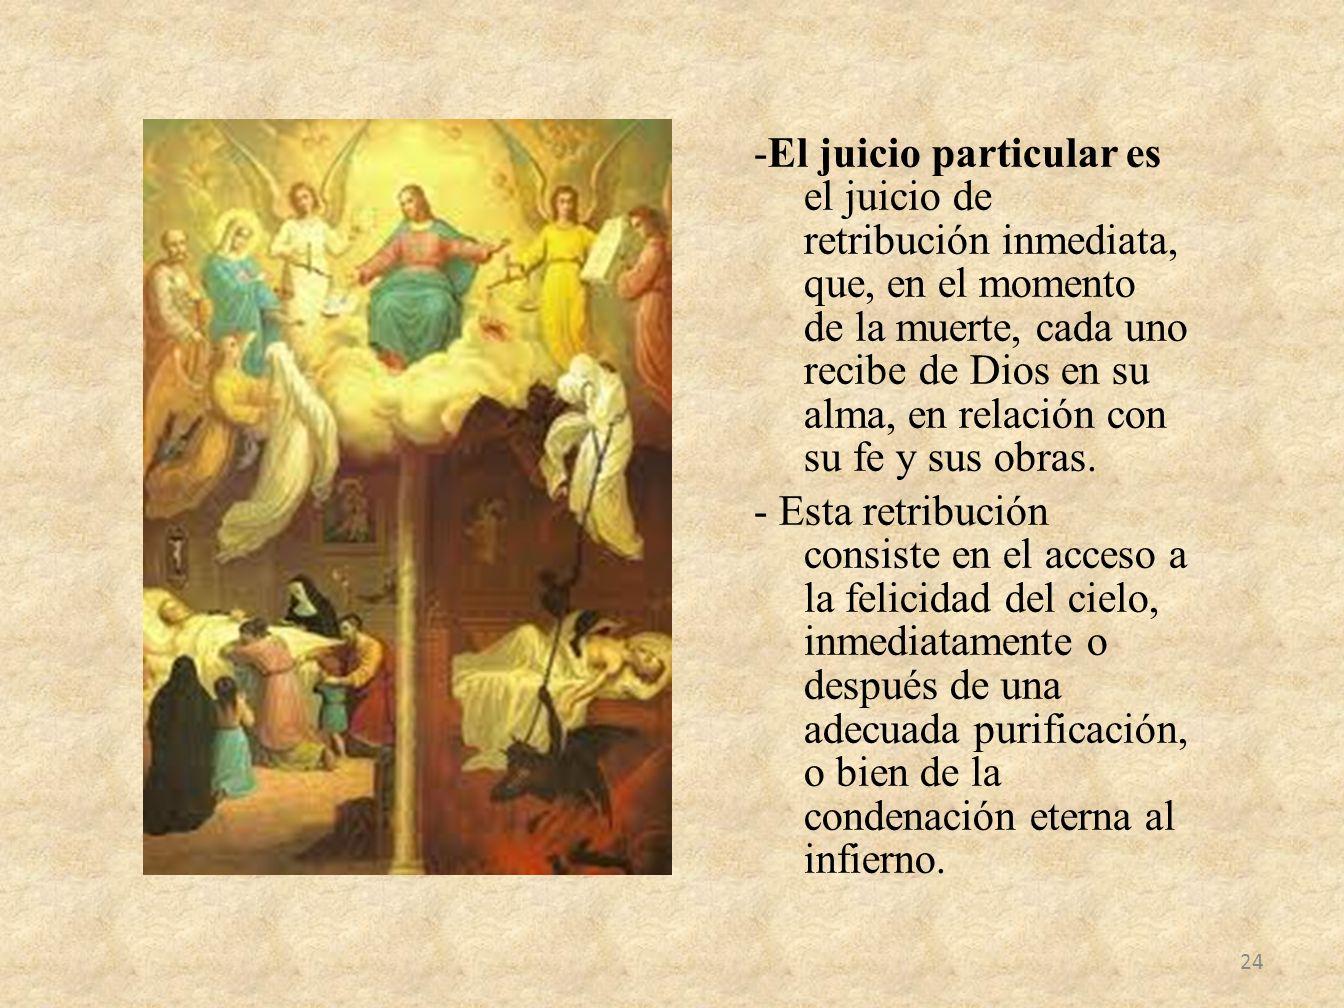 -El juicio particular es el juicio de retribución inmediata, que, en el momento de la muerte, cada uno recibe de Dios en su alma, en relación con su f